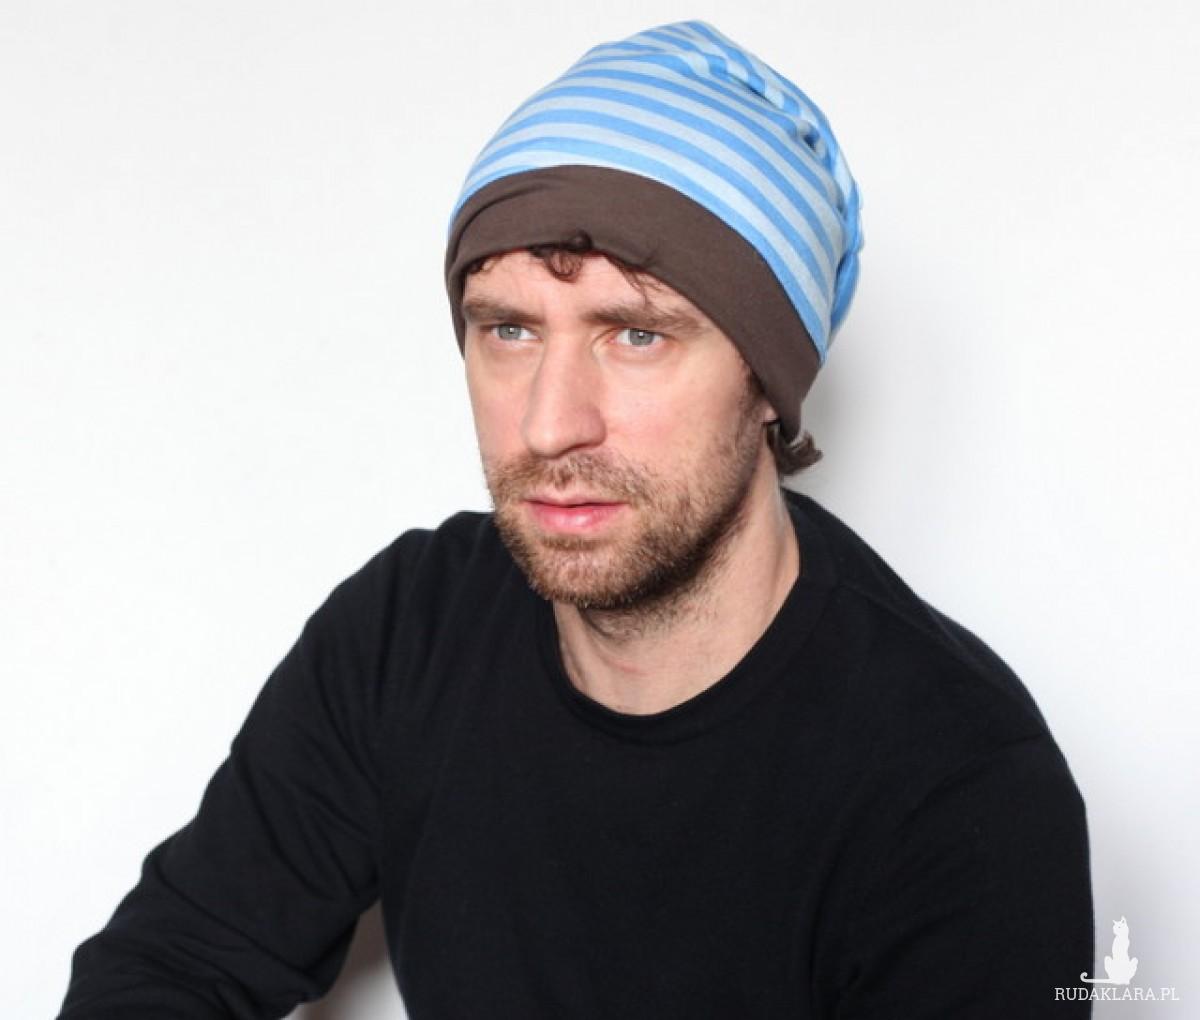 czapka damska męska unisex sportowa